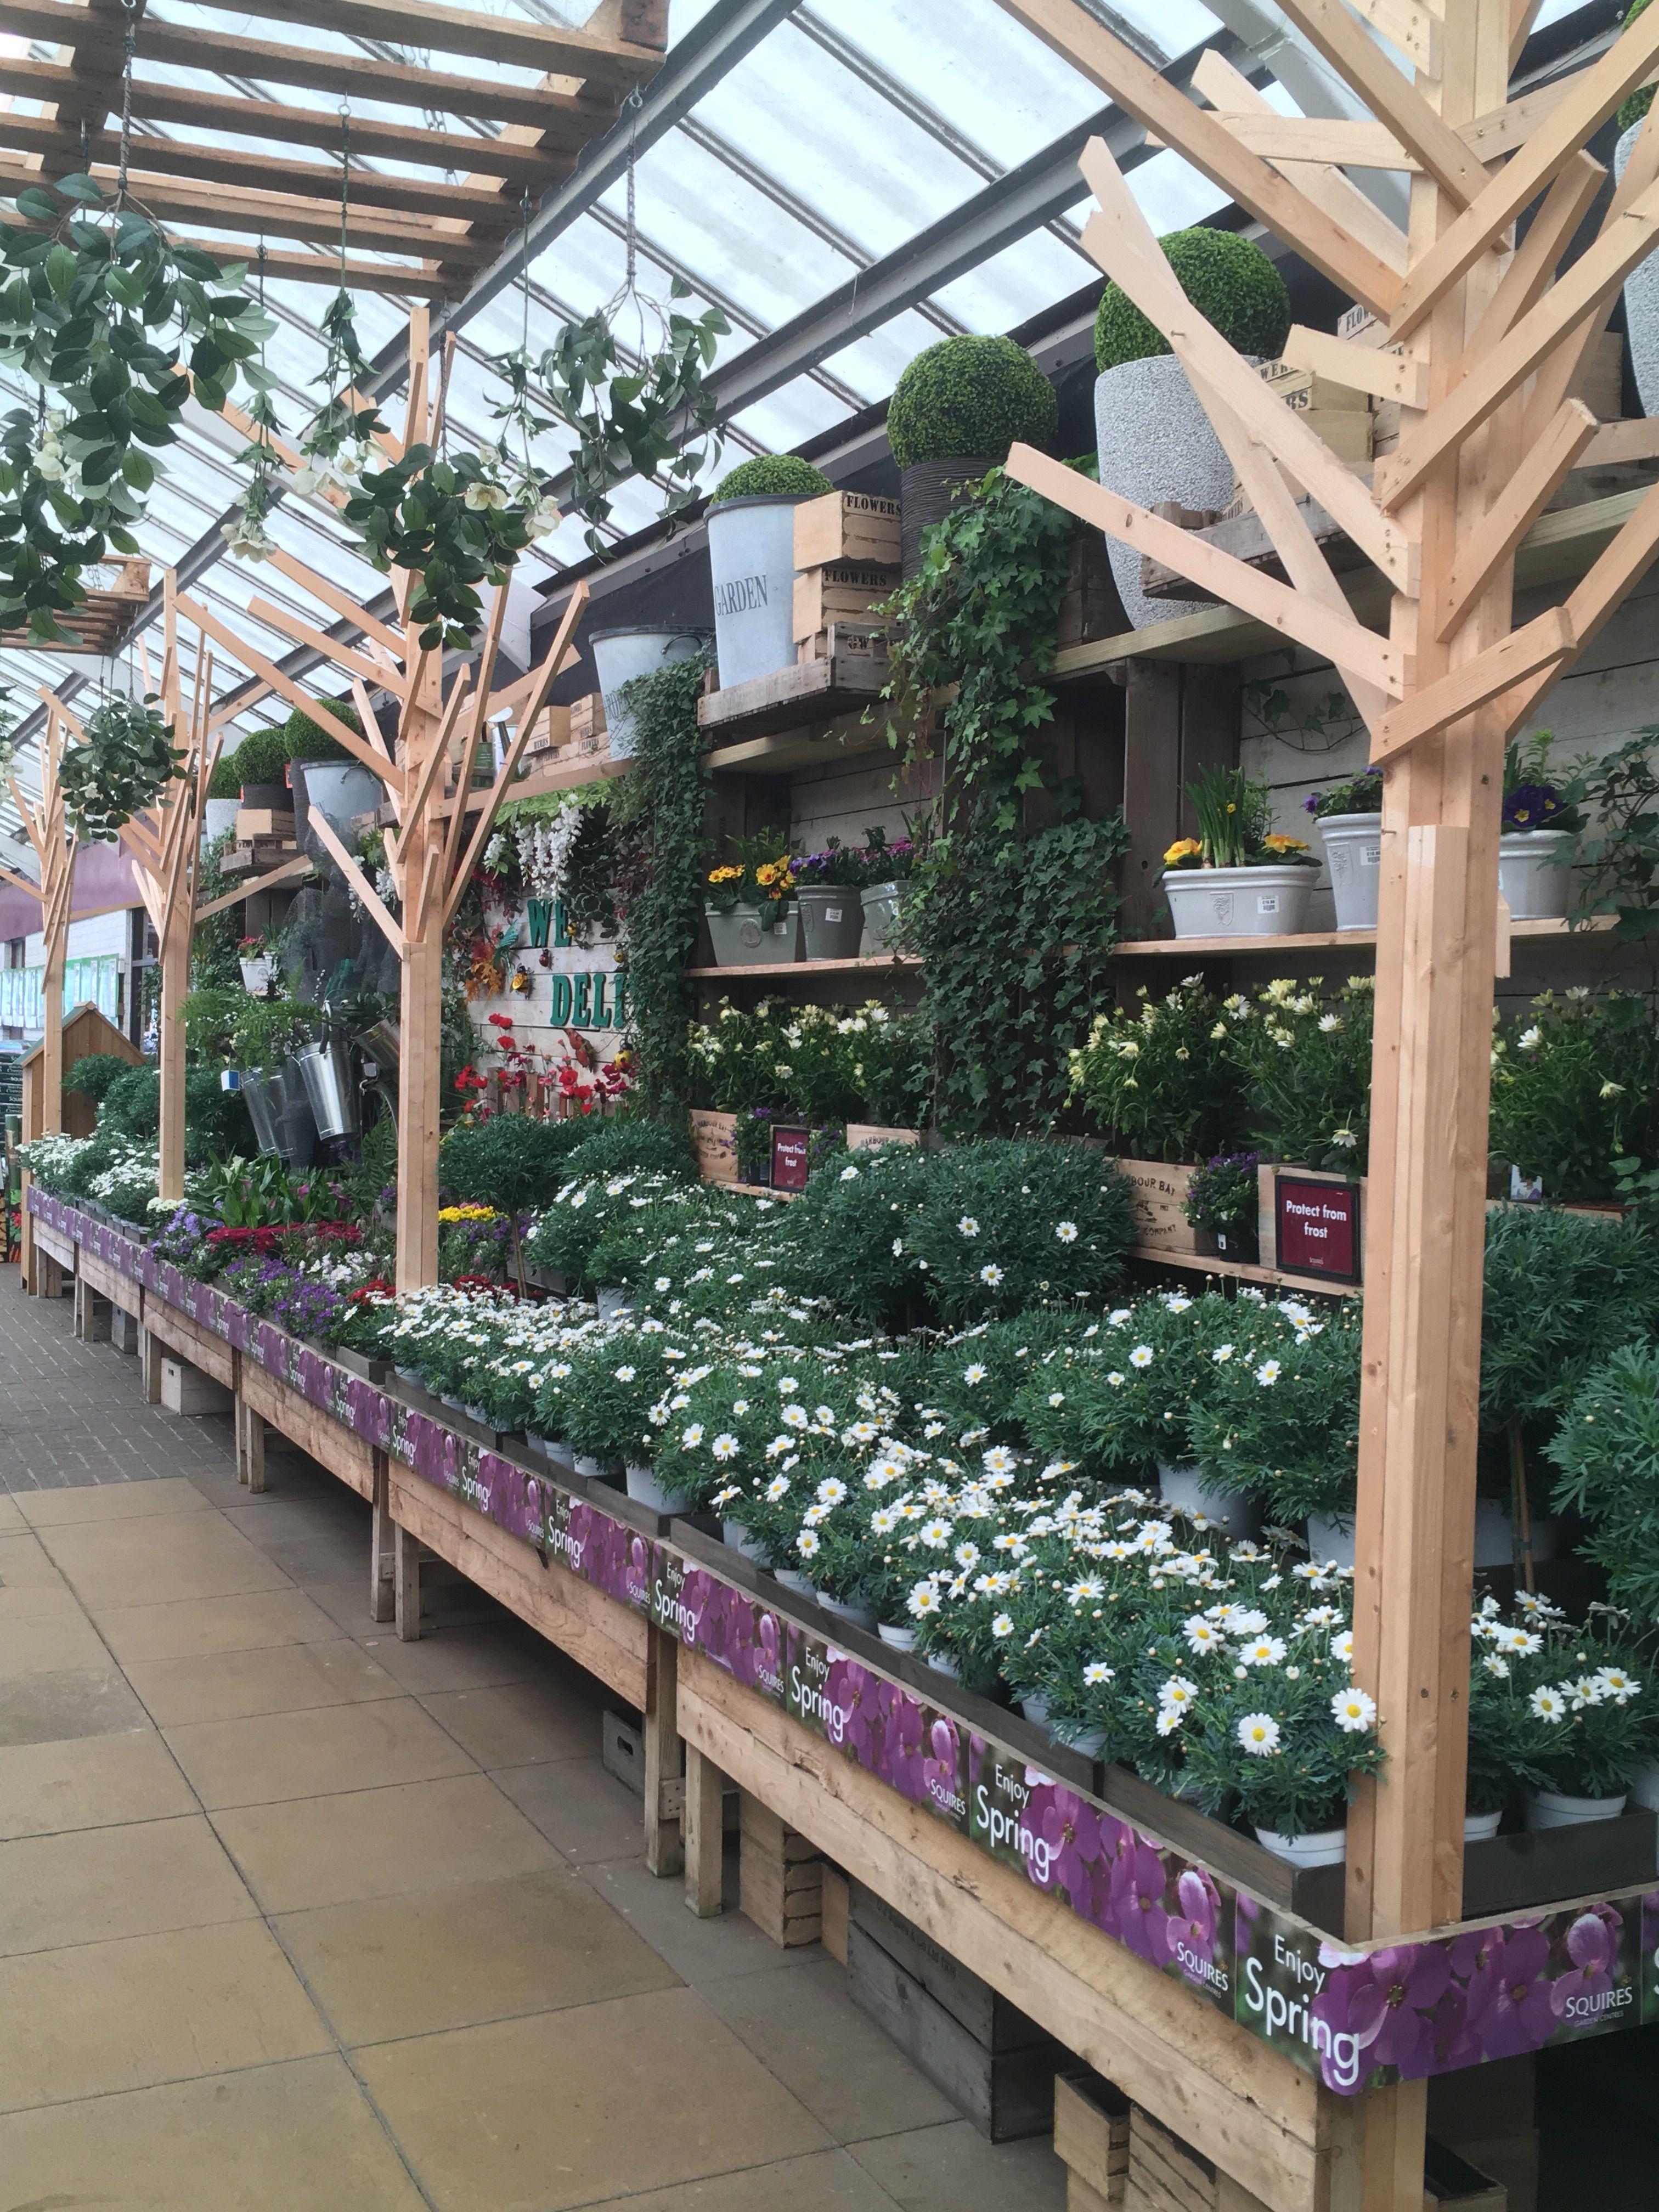 Squires Garden Centre Twickenham Bedding Plants Garden Center Displays Garden Center Bedding Plants